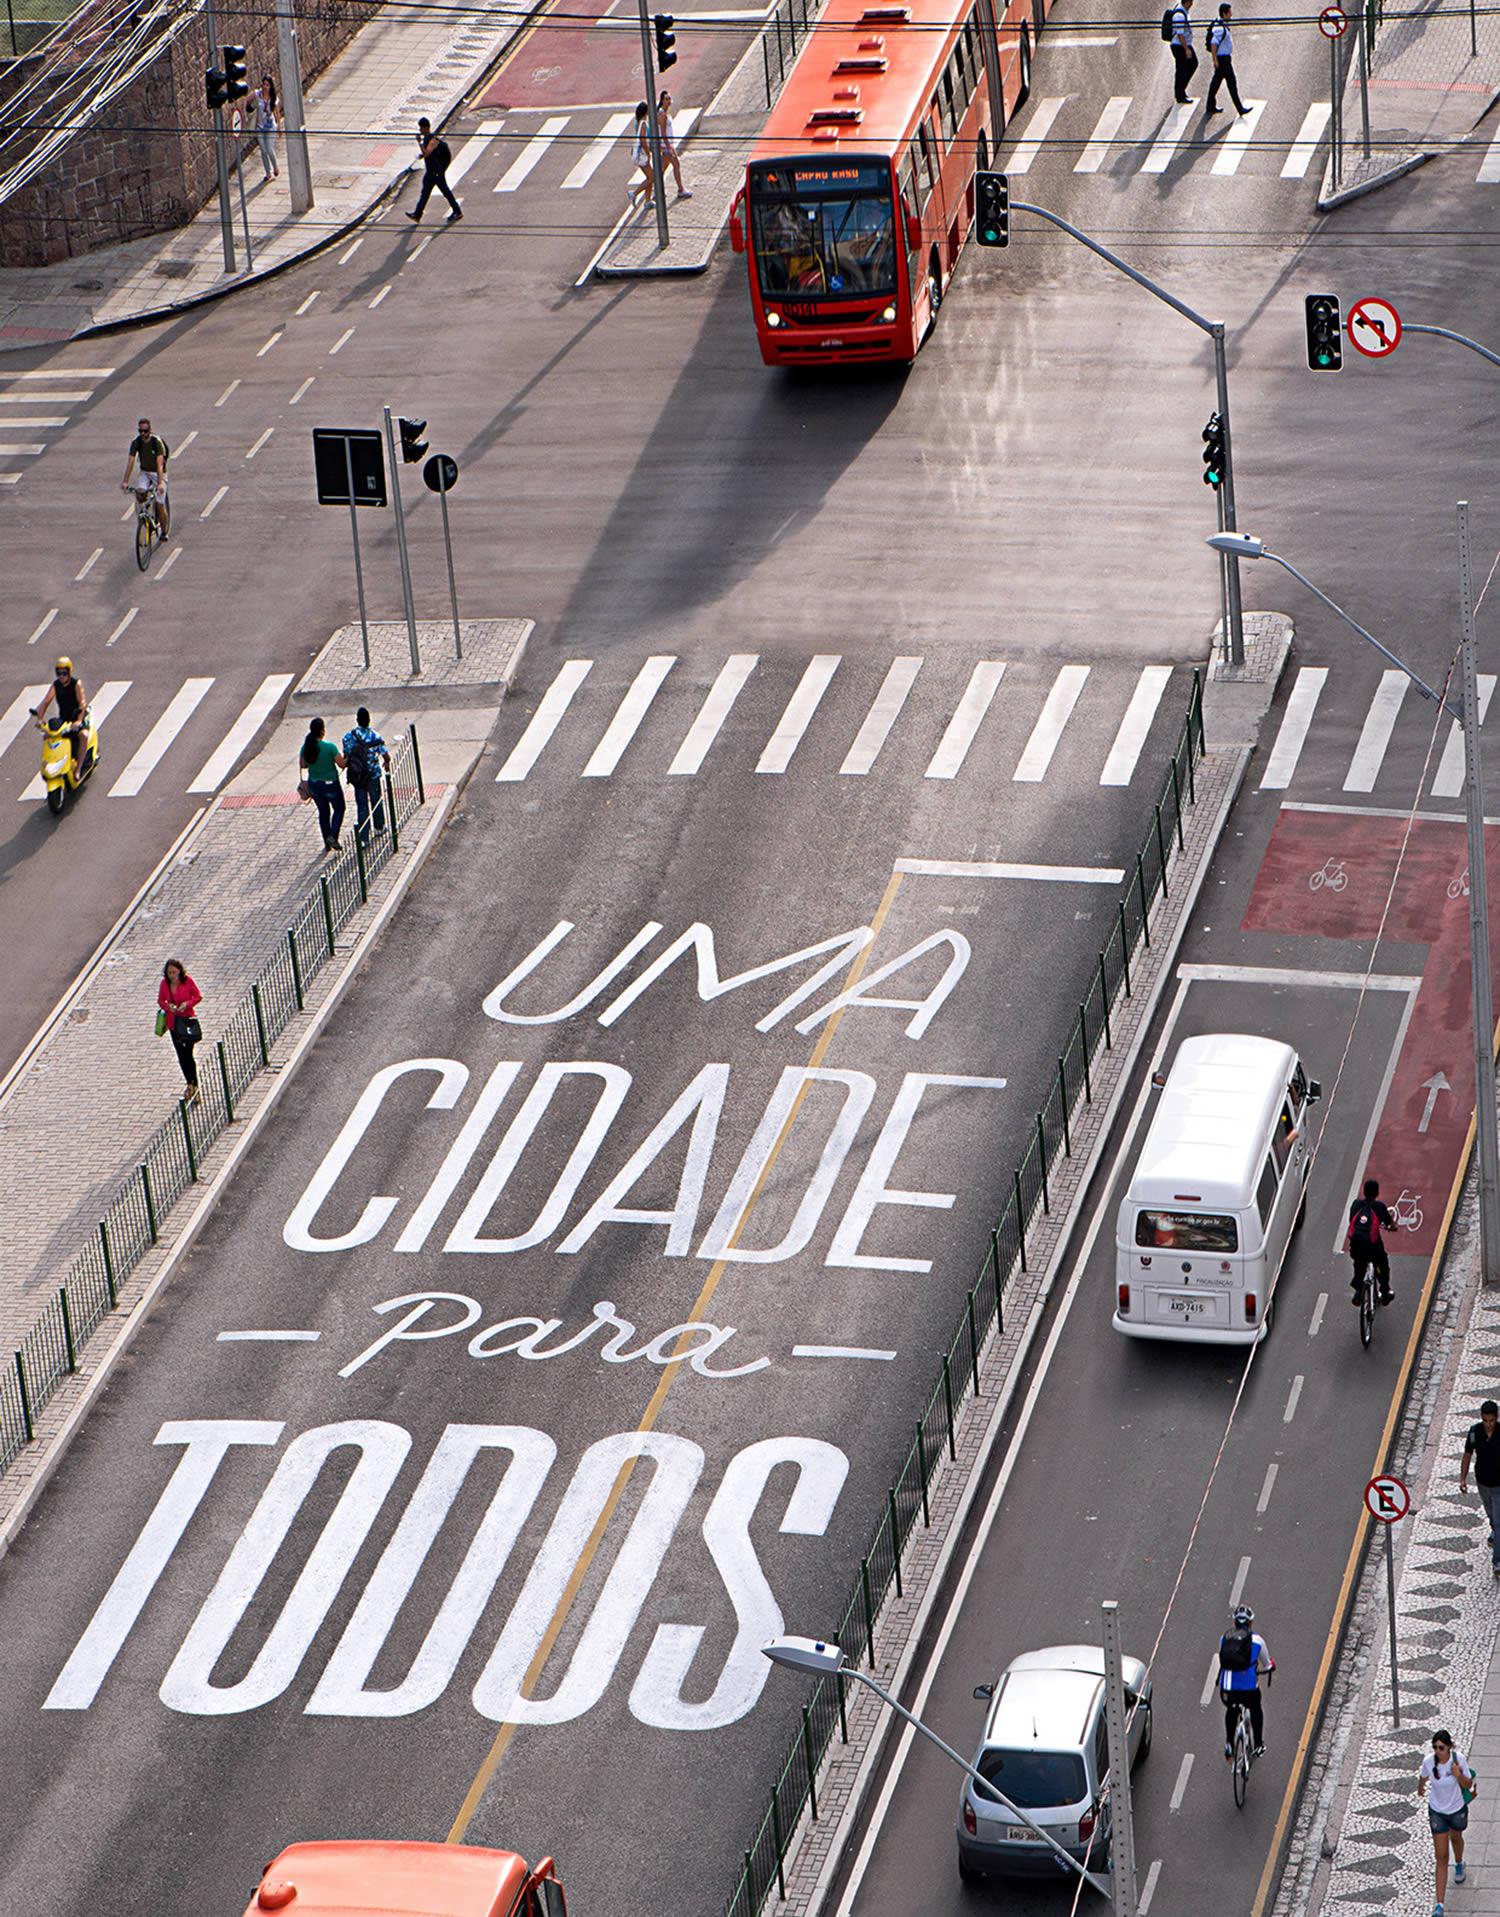 uma cidade para todos, letters on pavement, city